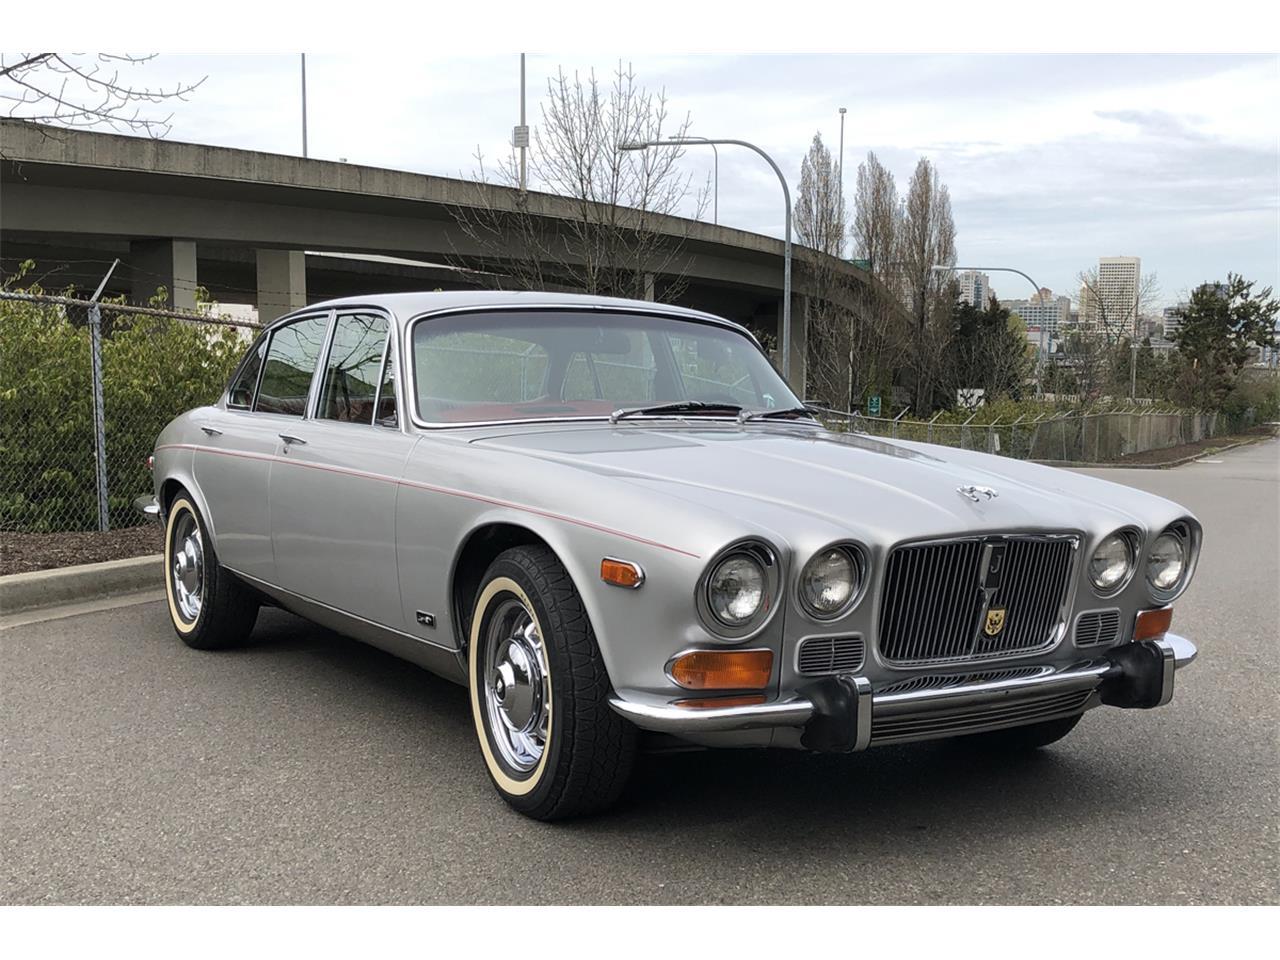 1973 Jaguar XJ6 for Sale | ClassicCars.com | CC-1208027